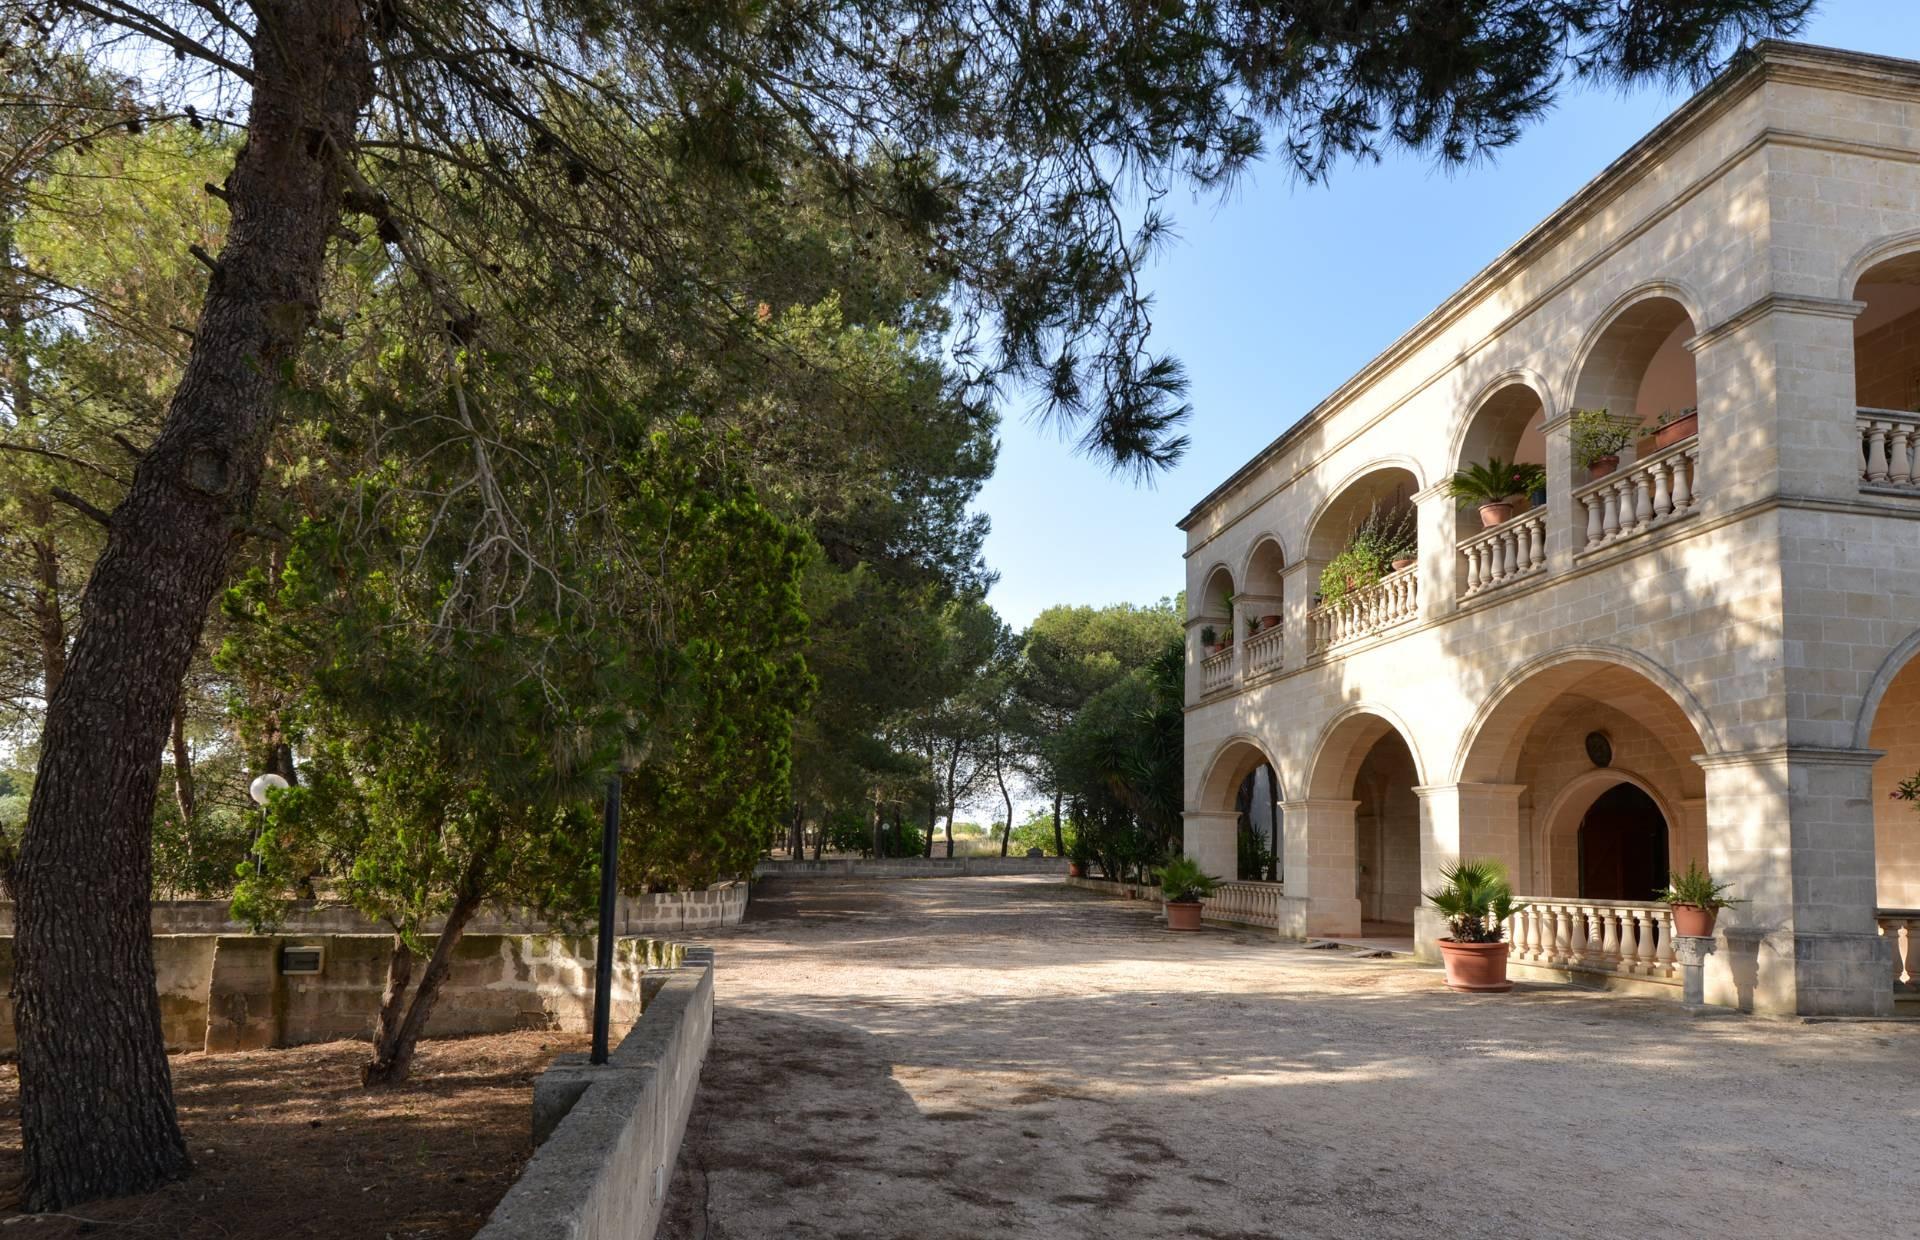 Rustico / Casale in vendita a Sava, 10 locali, prezzo € 2.300.000 | CambioCasa.it